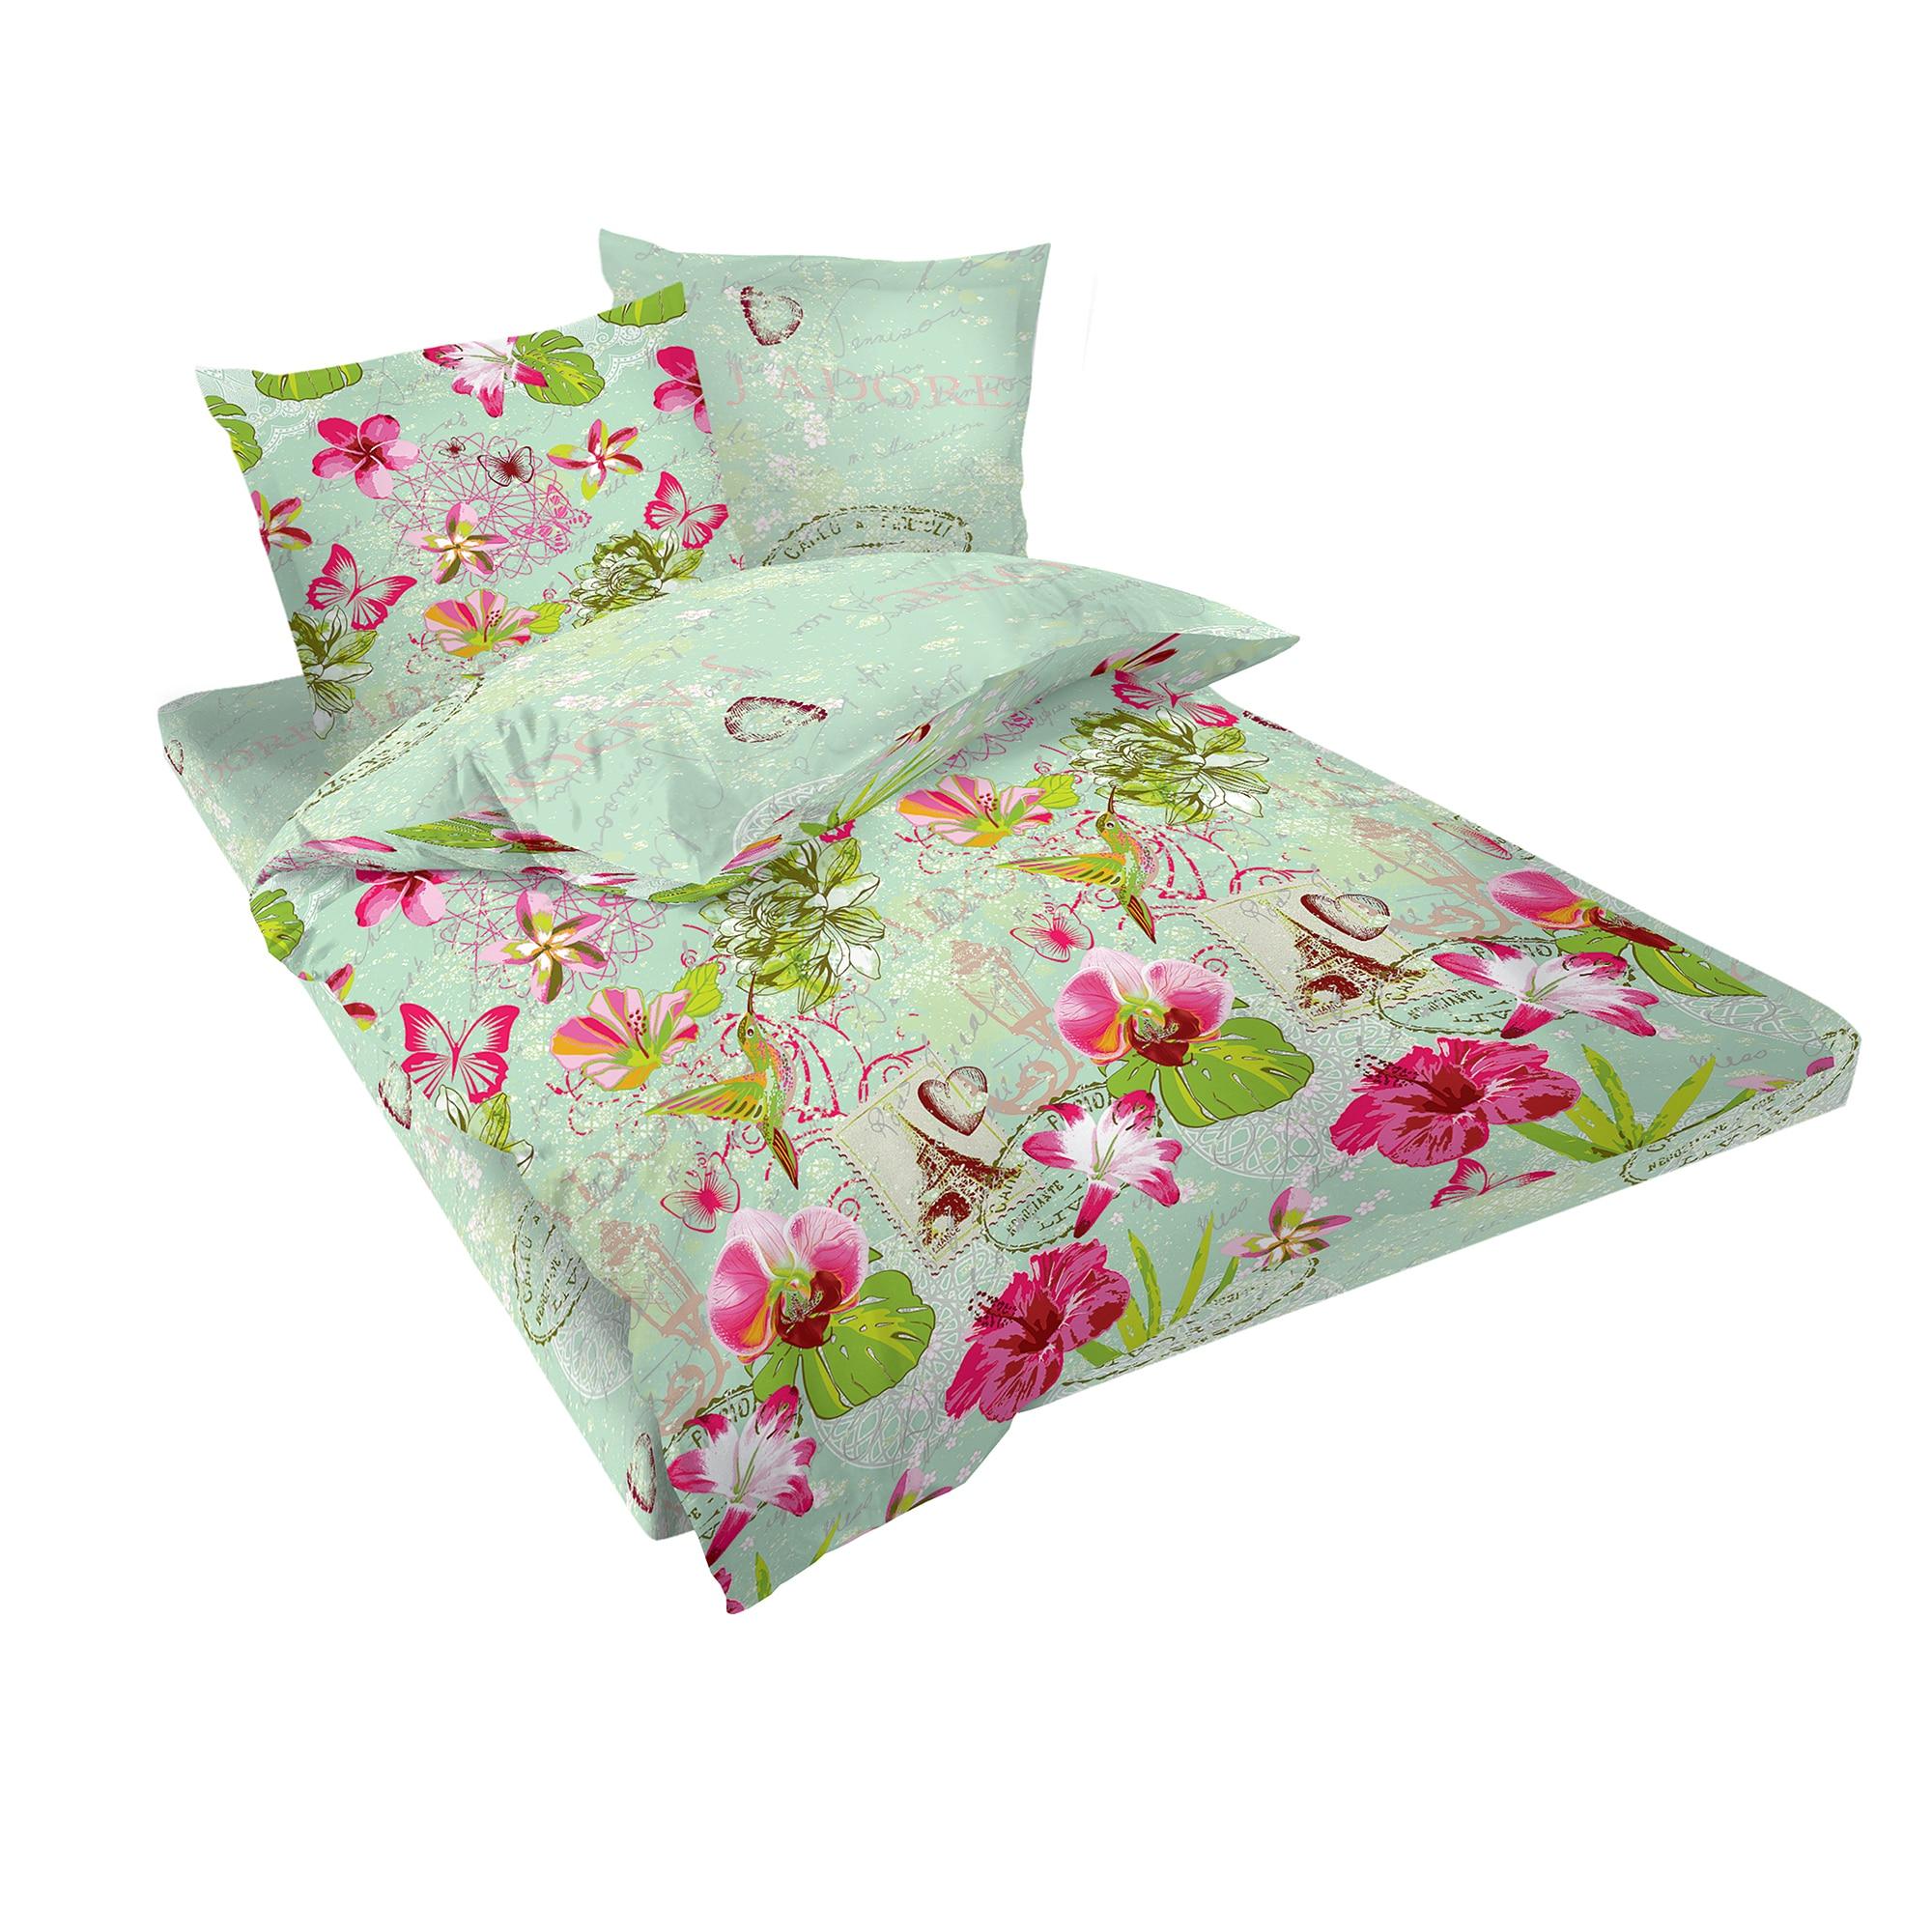 Fotografie Lenjerie de pat J'adore Dilios, pentru 2 persoane, bumbac satinat, multicolor